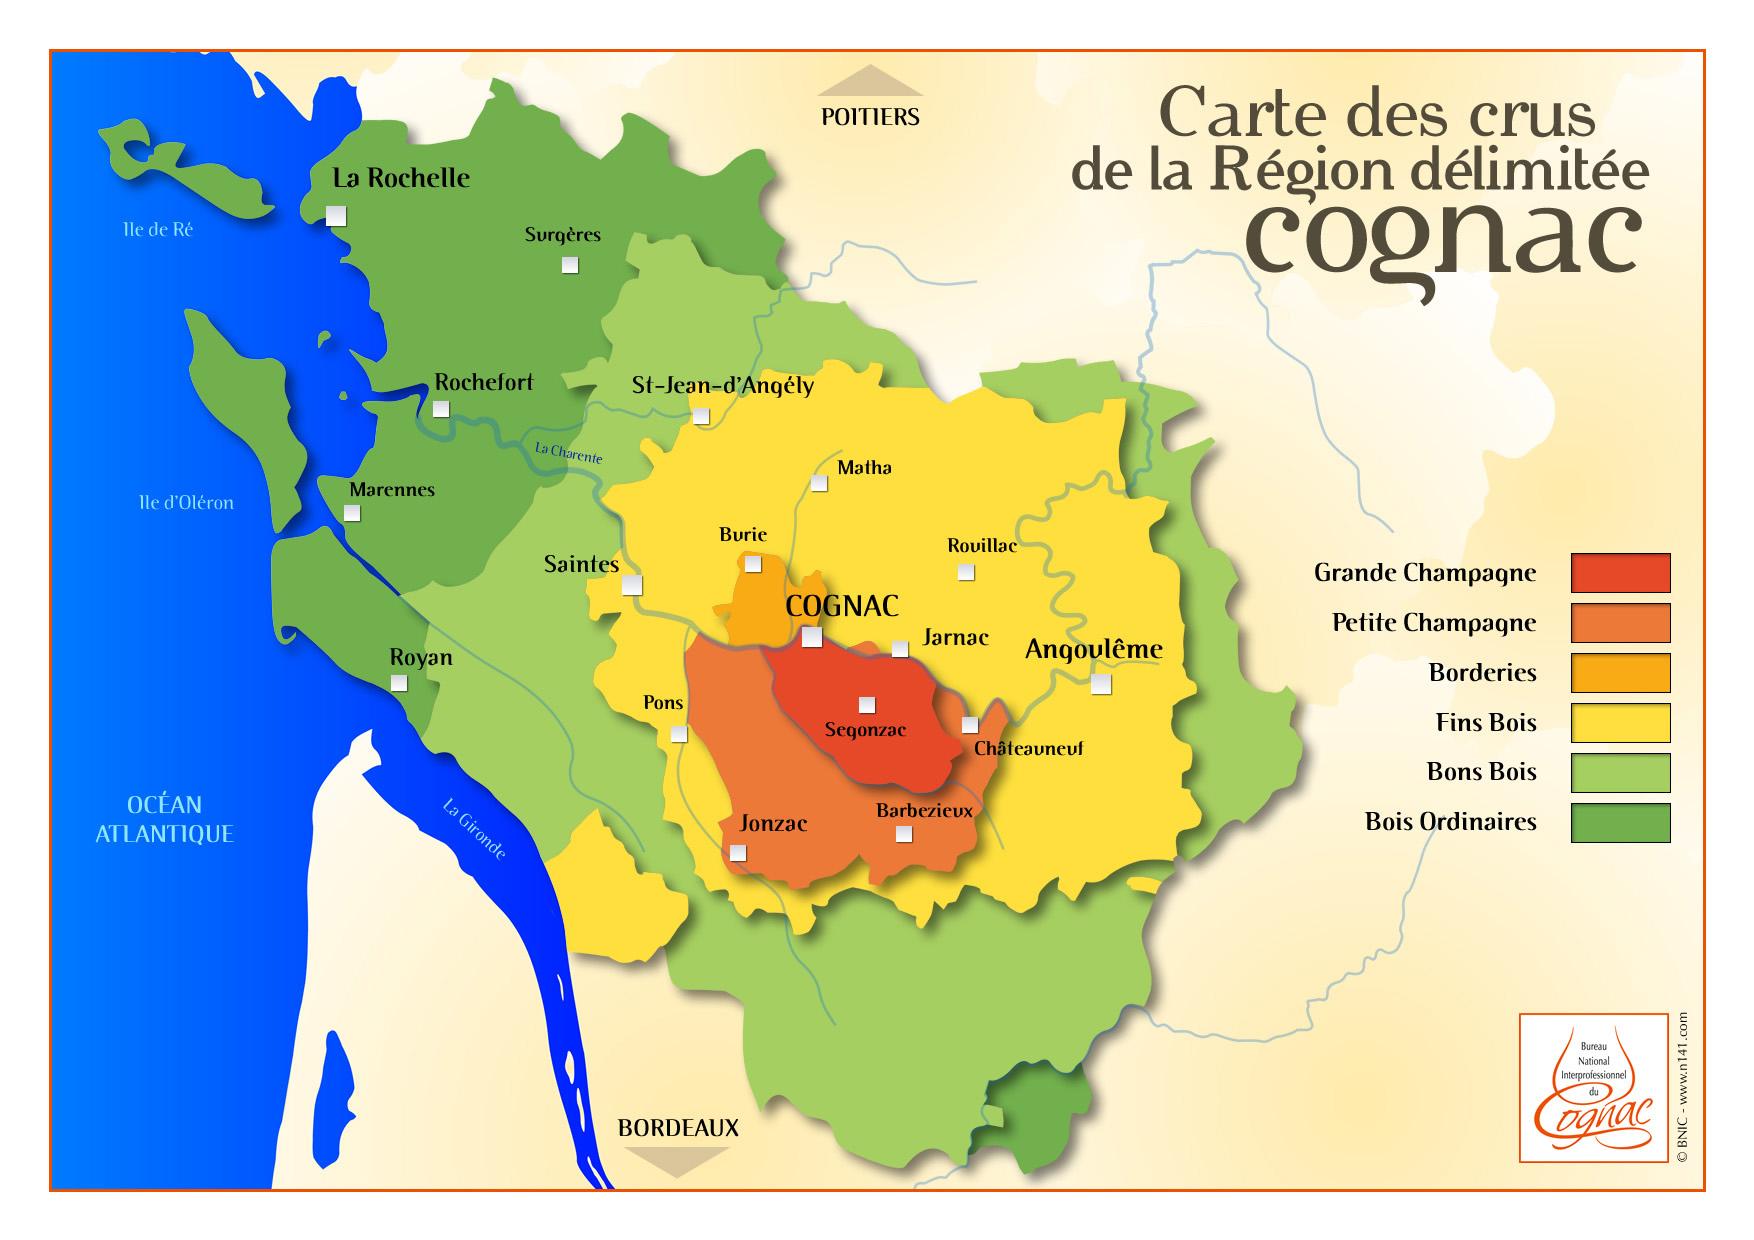 carte_des_crus+1